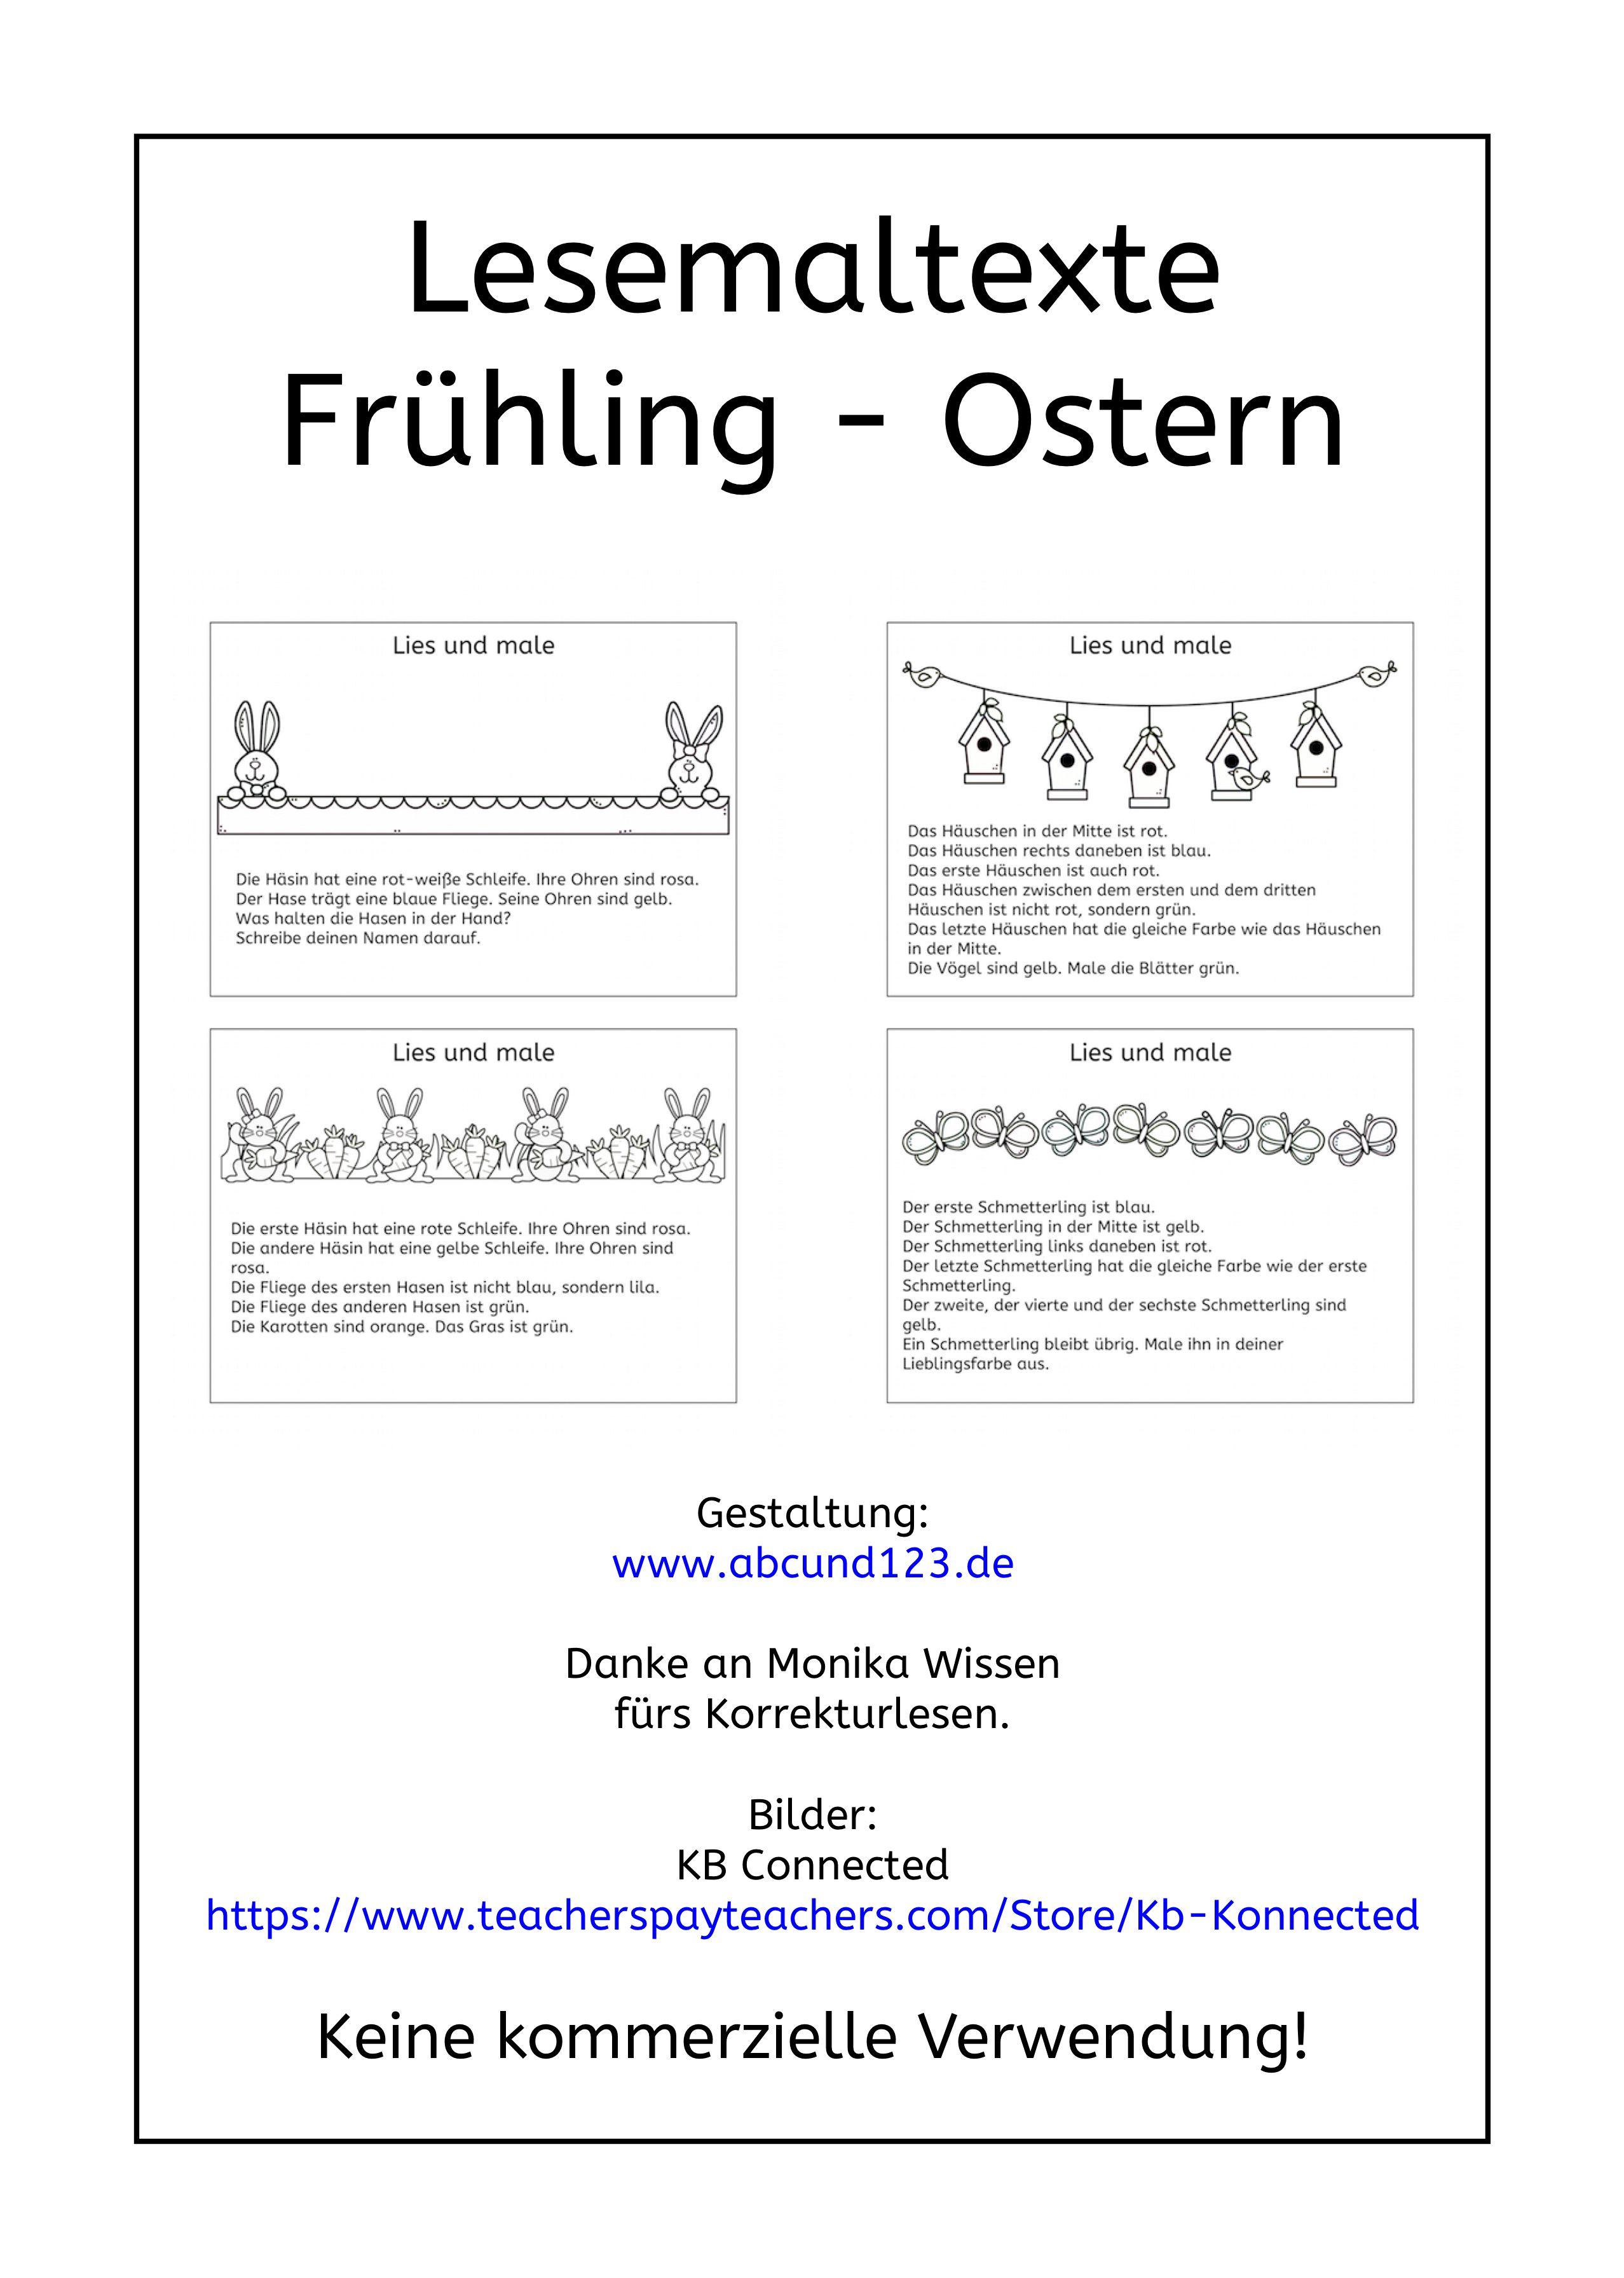 Kurze Lesemaltexte zum Frühling und zu Ostern, lesen, Lesematerial ...